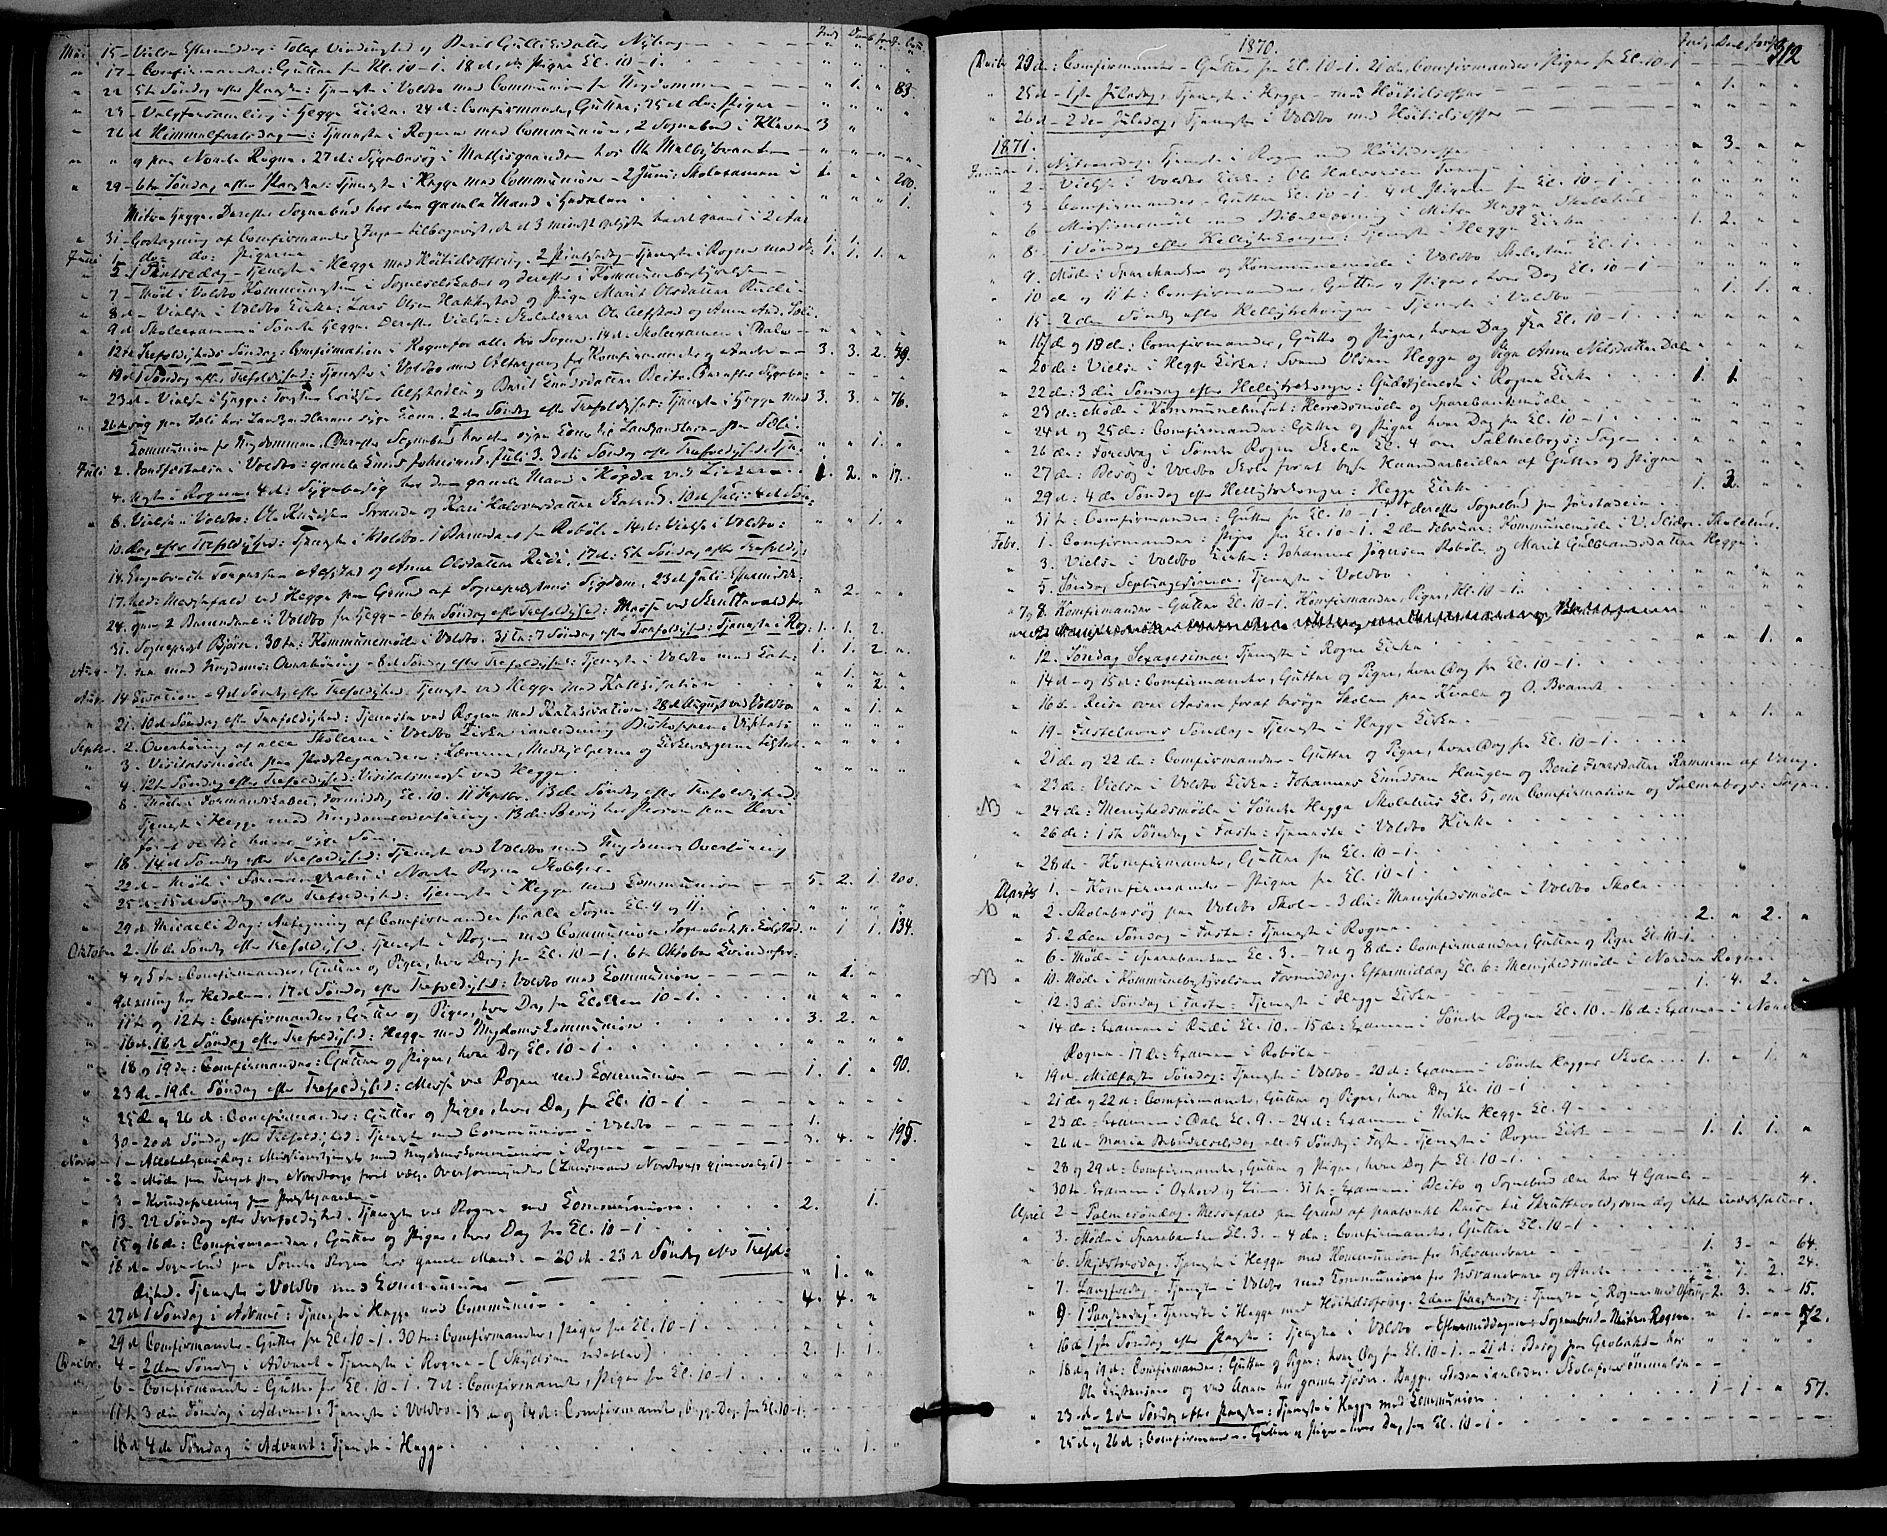 SAH, Øystre Slidre prestekontor, Ministerialbok nr. 1, 1849-1874, s. 312